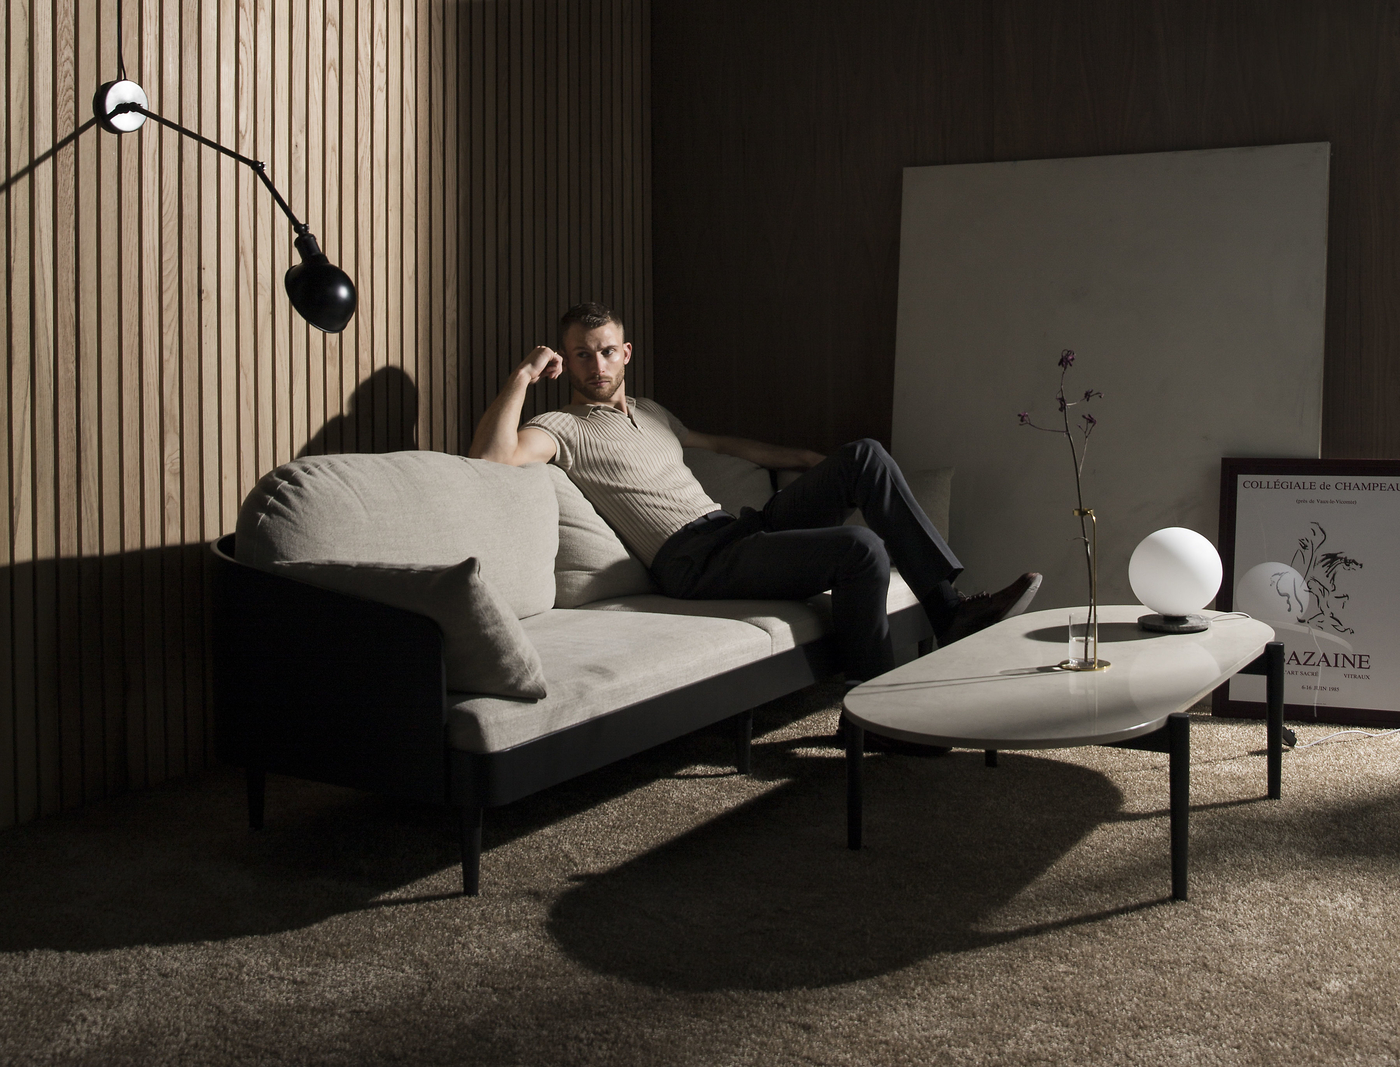 MENU- Septembre Sofa, Septembre Table, Tr Bulb_Low Res 72dpi JPG (RGB)_395809.jpg